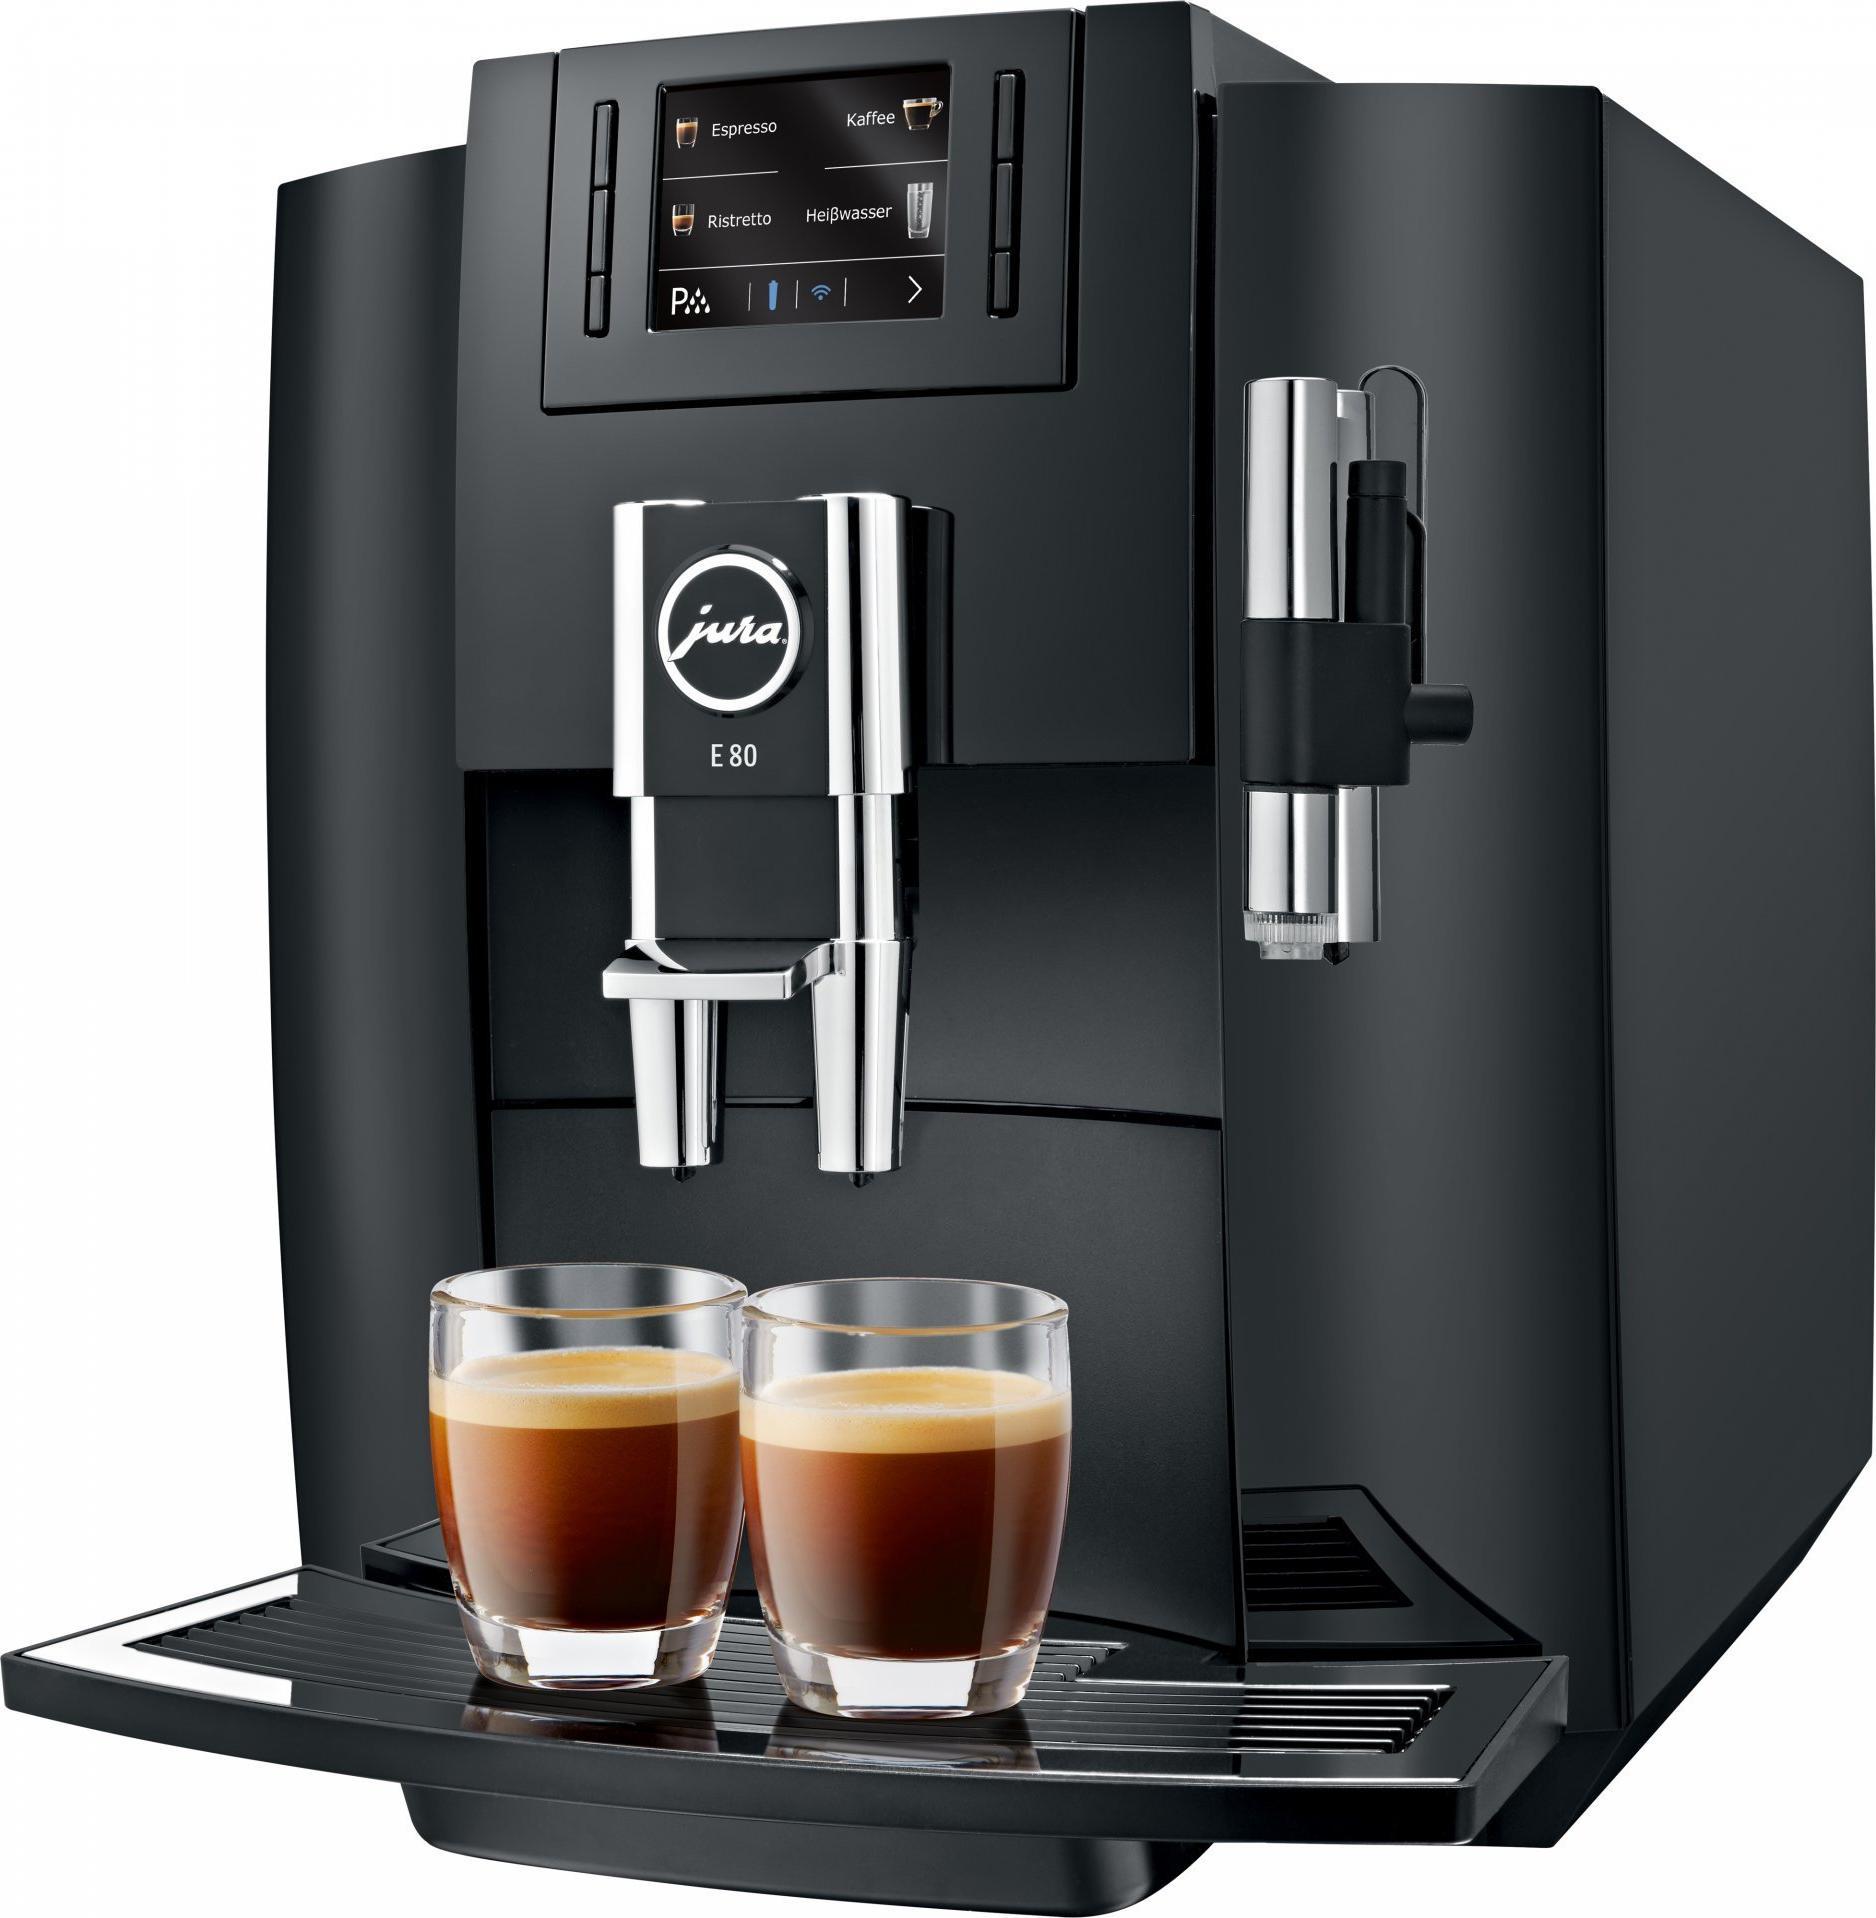 дорогая кофемашина с возможностью применения чалдов